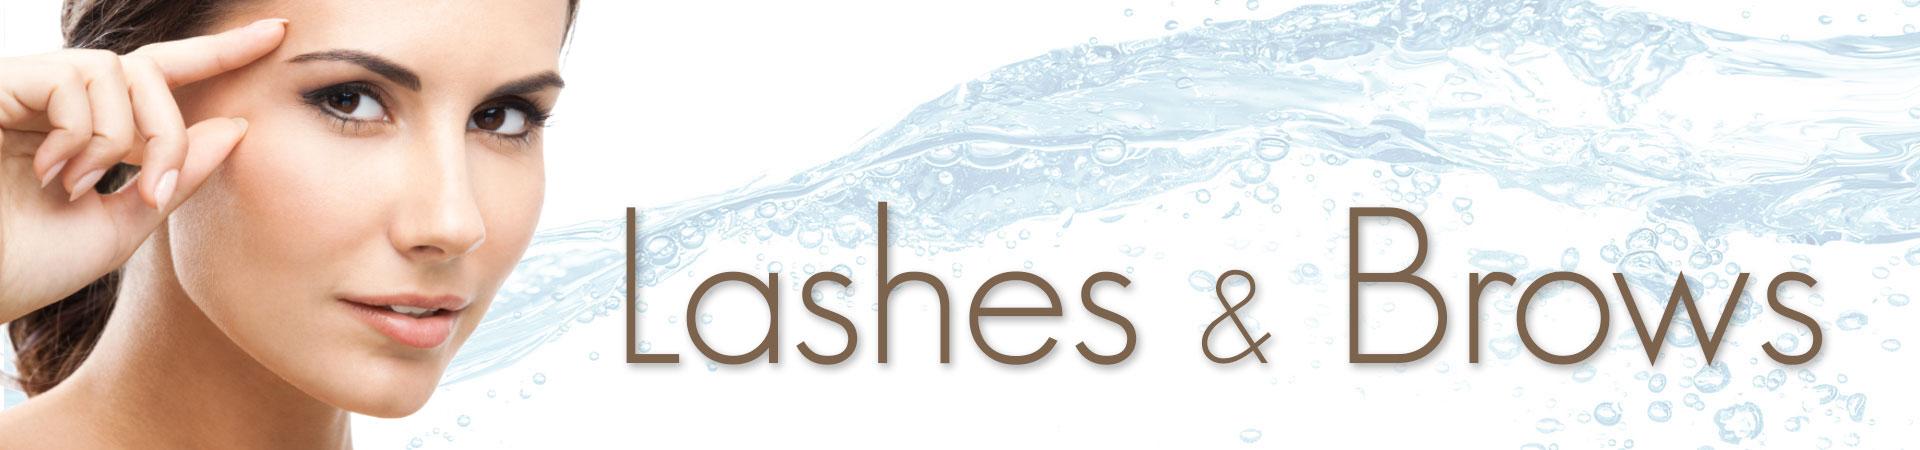 lashesbrows-bg